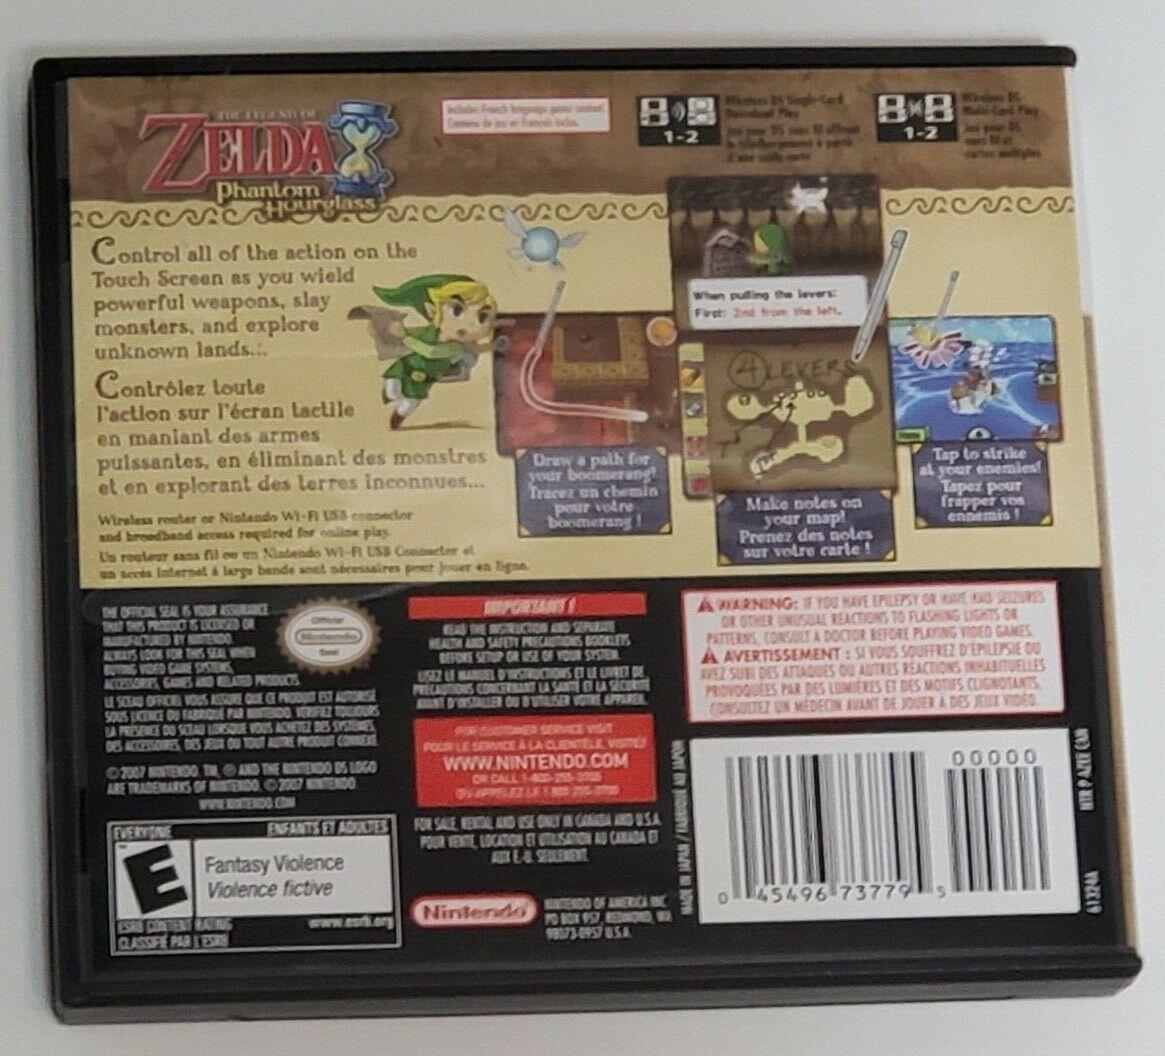 Sims 3 Design Garten Accessoires Einzigartig the Legend Of Zelda Phantom Hourglass Ds 2007